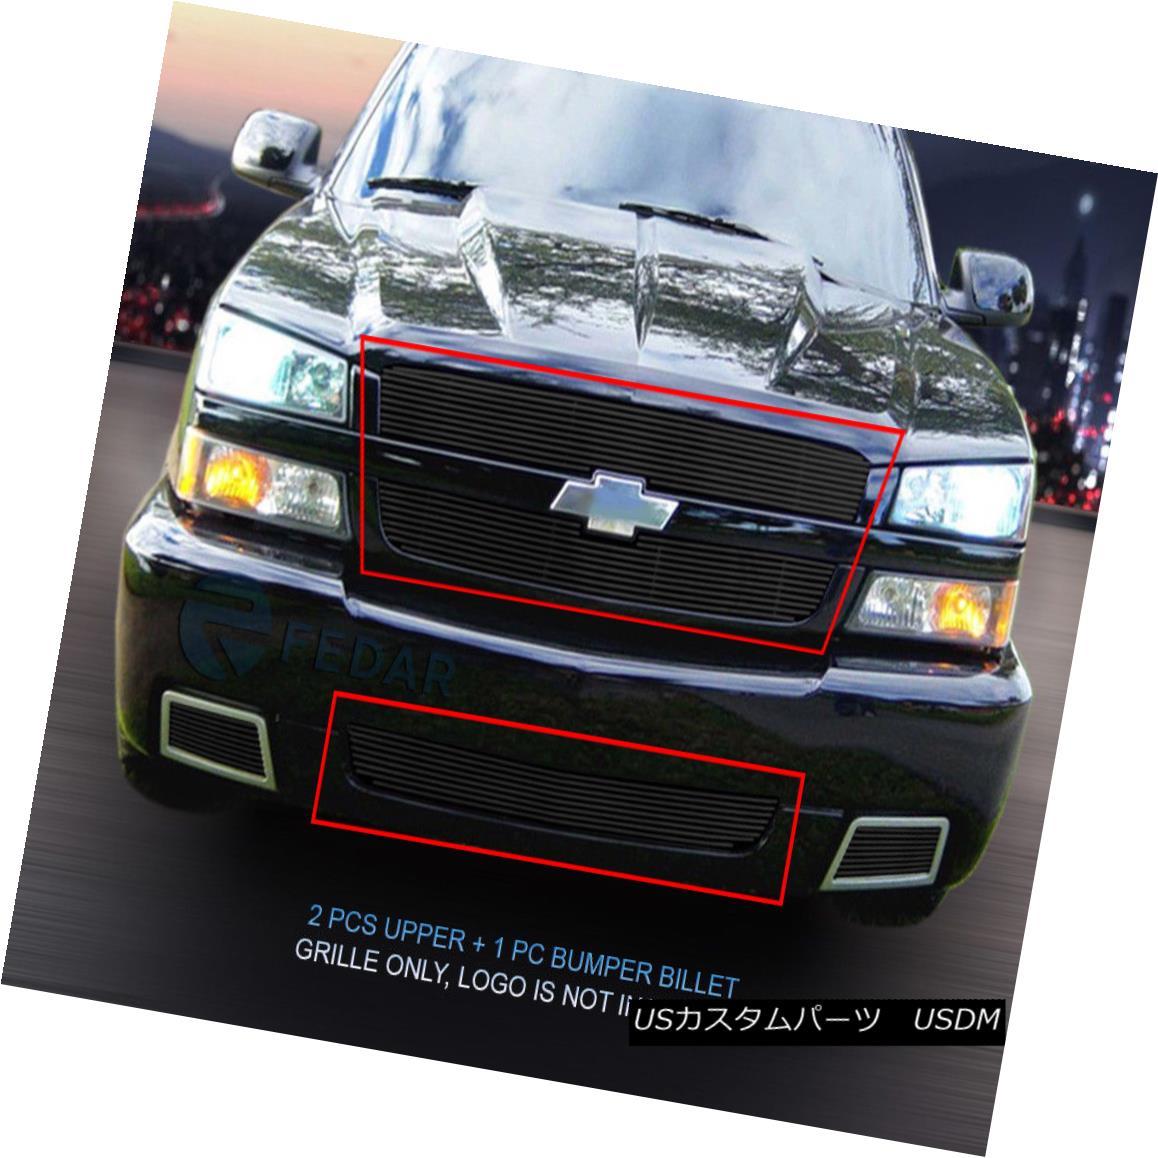 グリル Fedar Fits 03-05 Chevy Silverado 1500 SS Black Billet Grille Combo Insert Fedar Fits 03-05 Chevy Silverado 1500 SS Black Billet Grilleコンボインサート